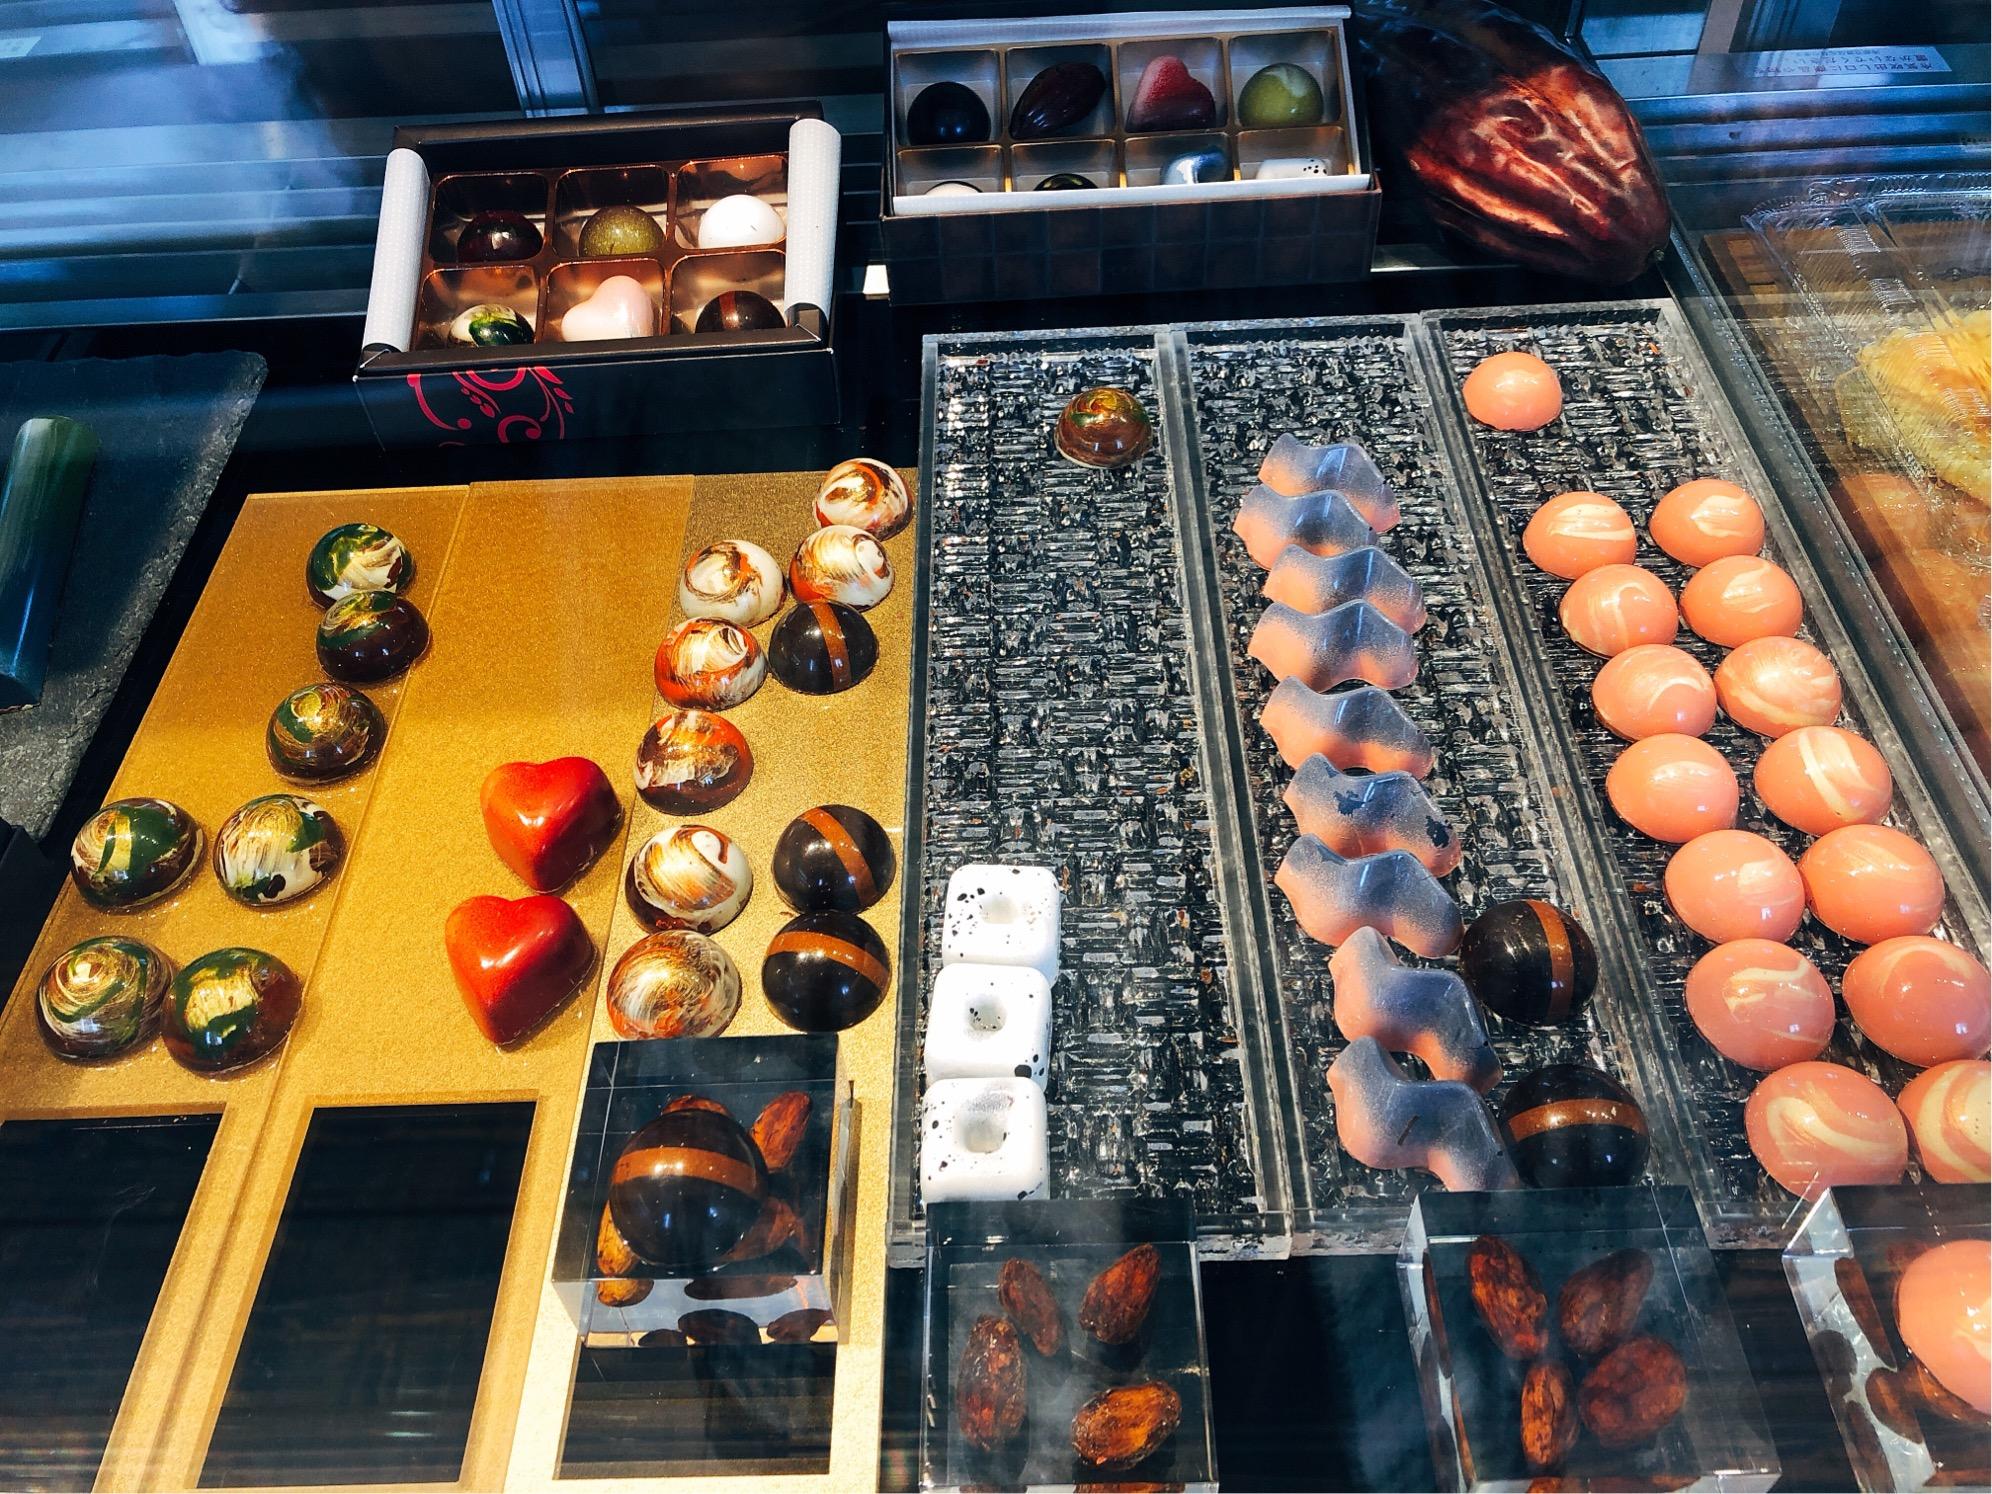 葉山で人気のチョコレート屋さん「Nicolas&Herbs(ニコラ&ハーブ)」ケースの中に並ぶ、色とりどりのチョコレート。アート・芸術作品のように美しい。